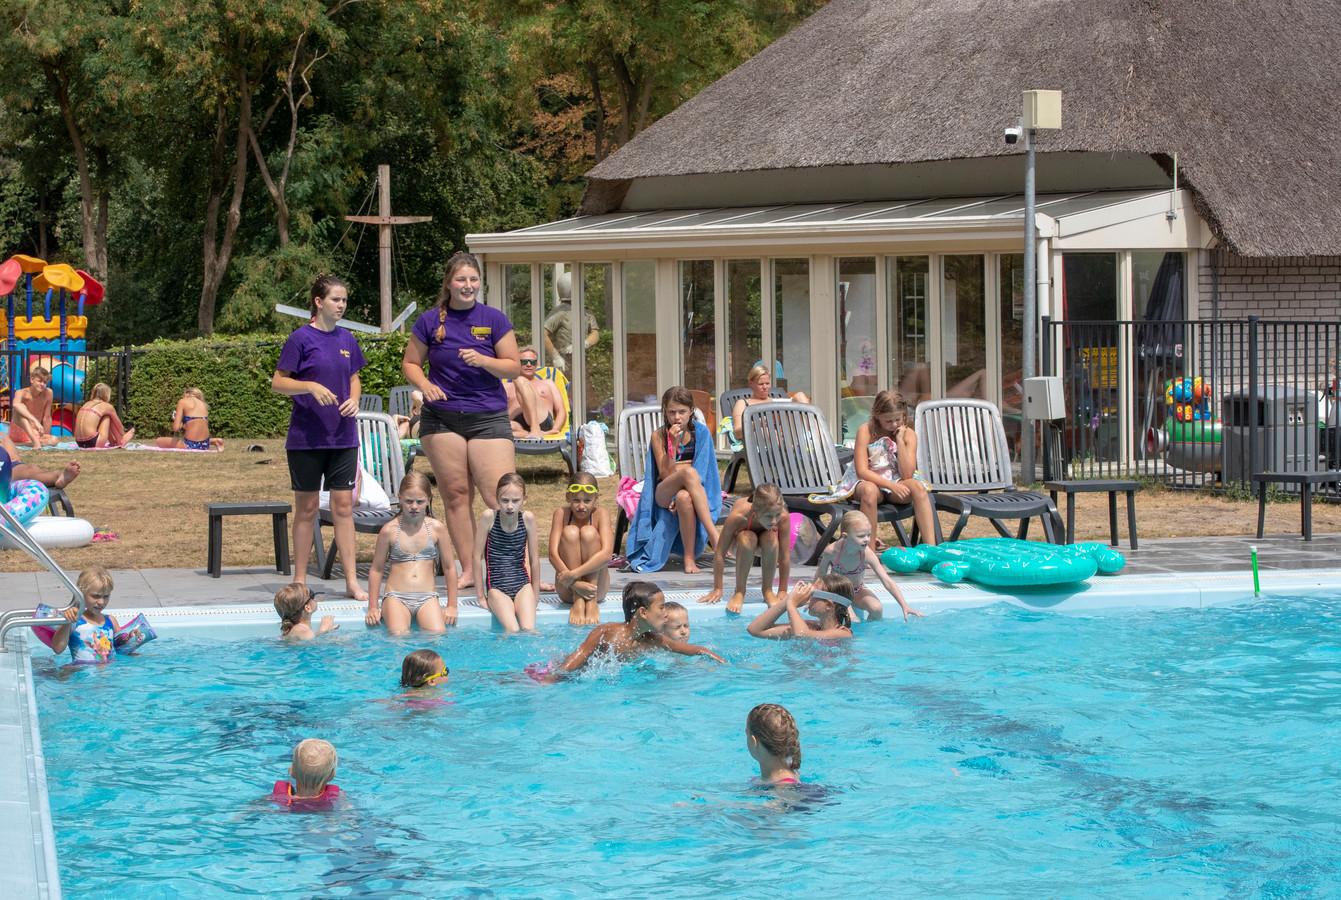 Ook op vakantiepark De Thijmse Berg is het zwembad erg in trek.